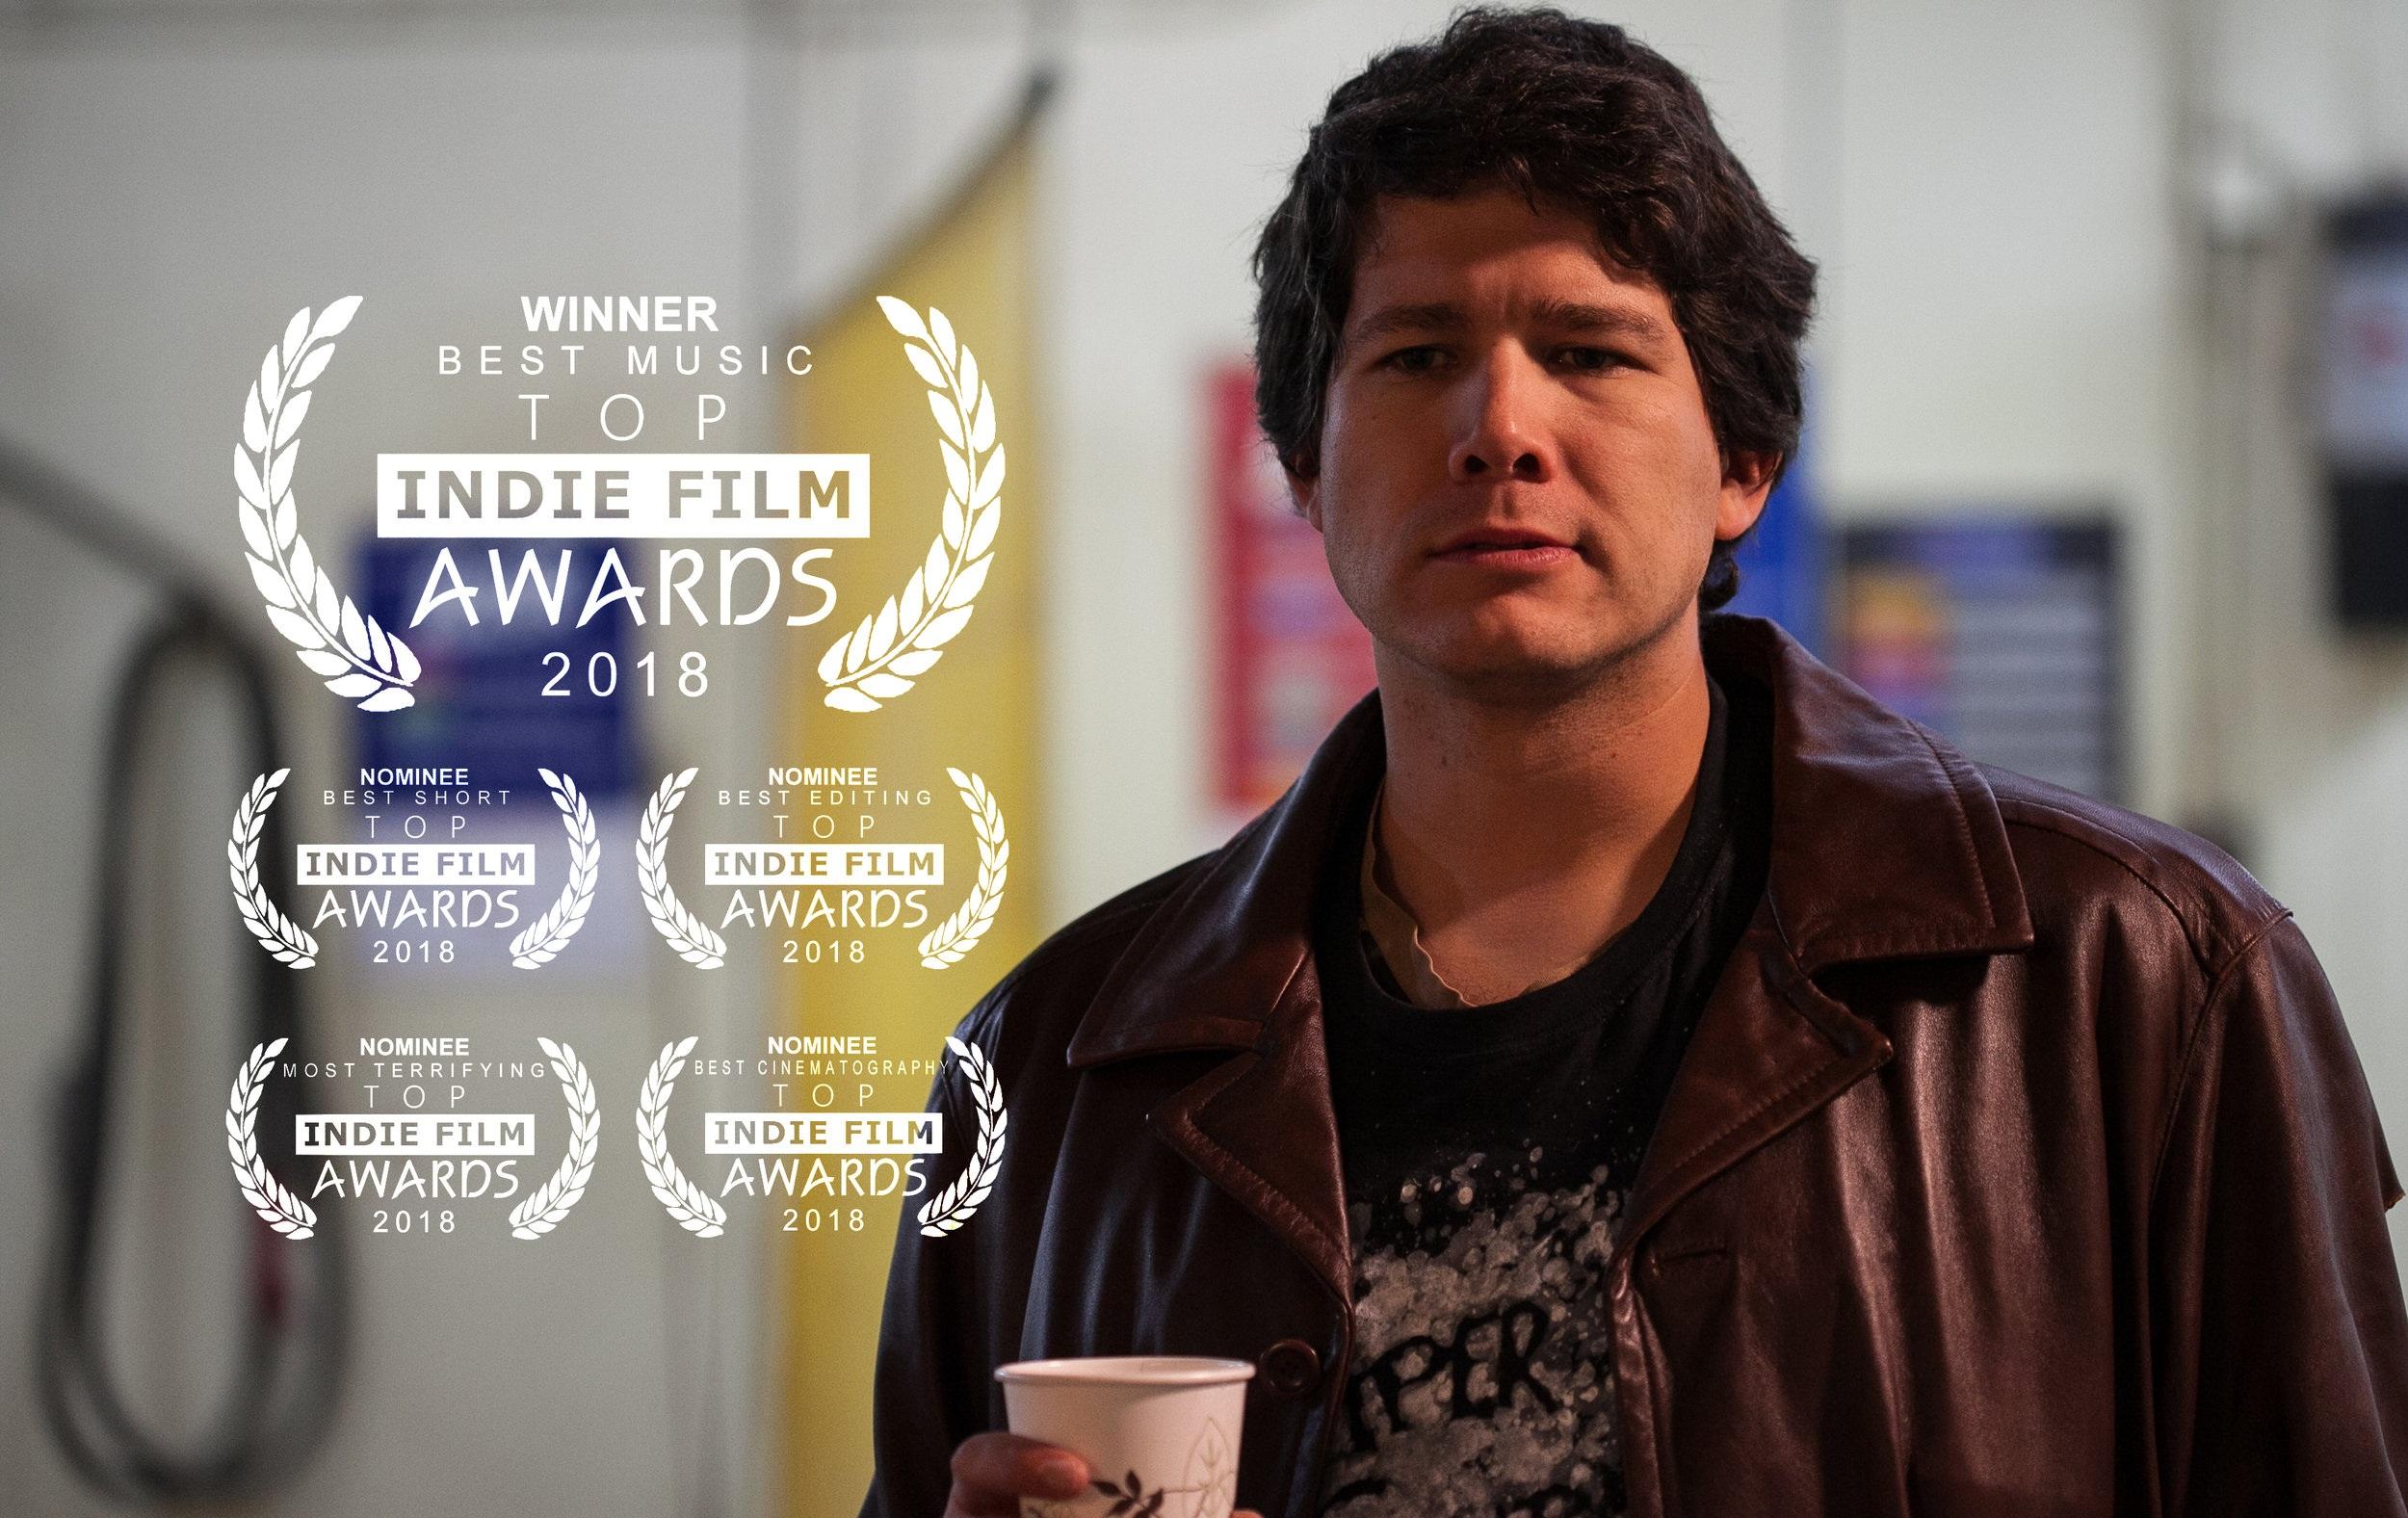 TopIndieFilmAwards.jpg